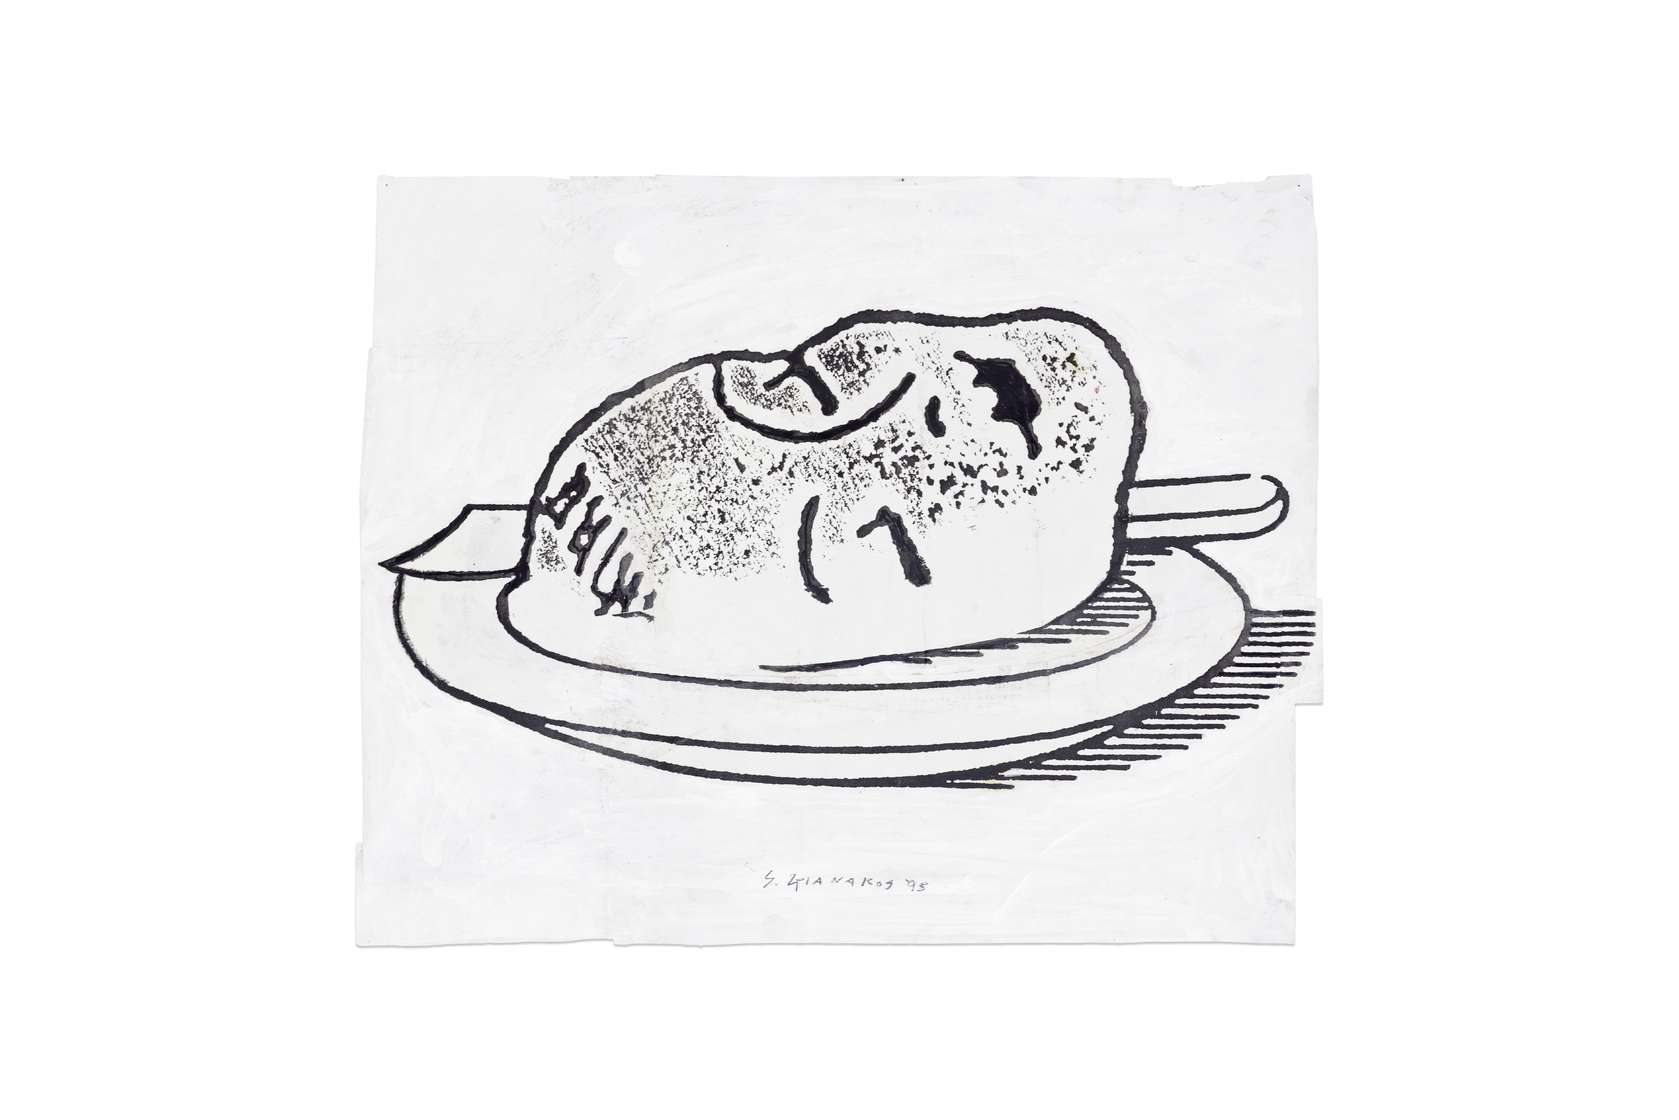 Steve Gianakos, Her appetite was irrelevant, 1995 Techniques mixtes sur papier40.5 x 50.5 cm / 16  x 19 7/8 inches